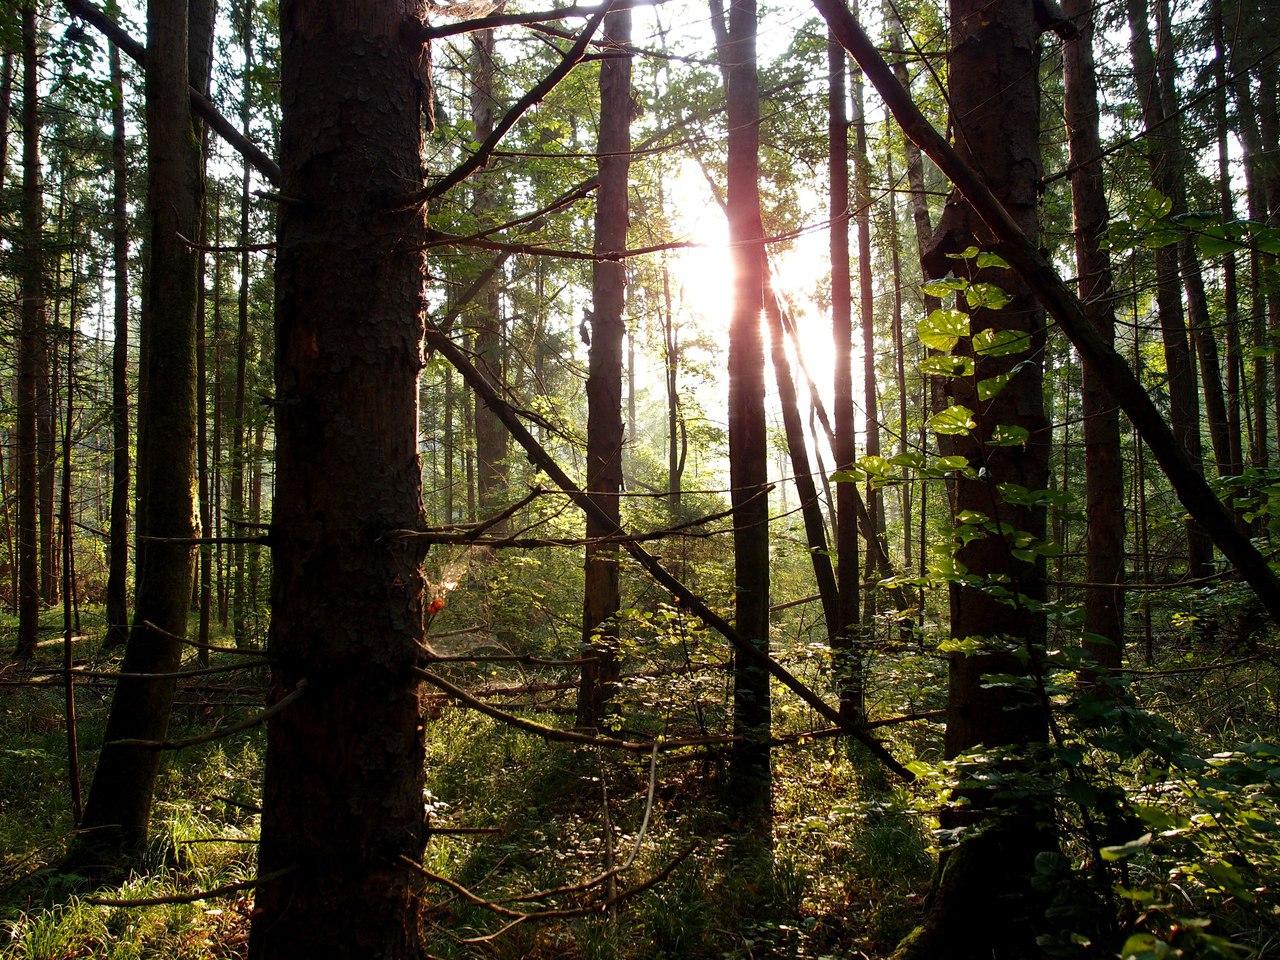 Национальный парк «Угра», Россия. Фотография предоставлена Еленой Чирковой.